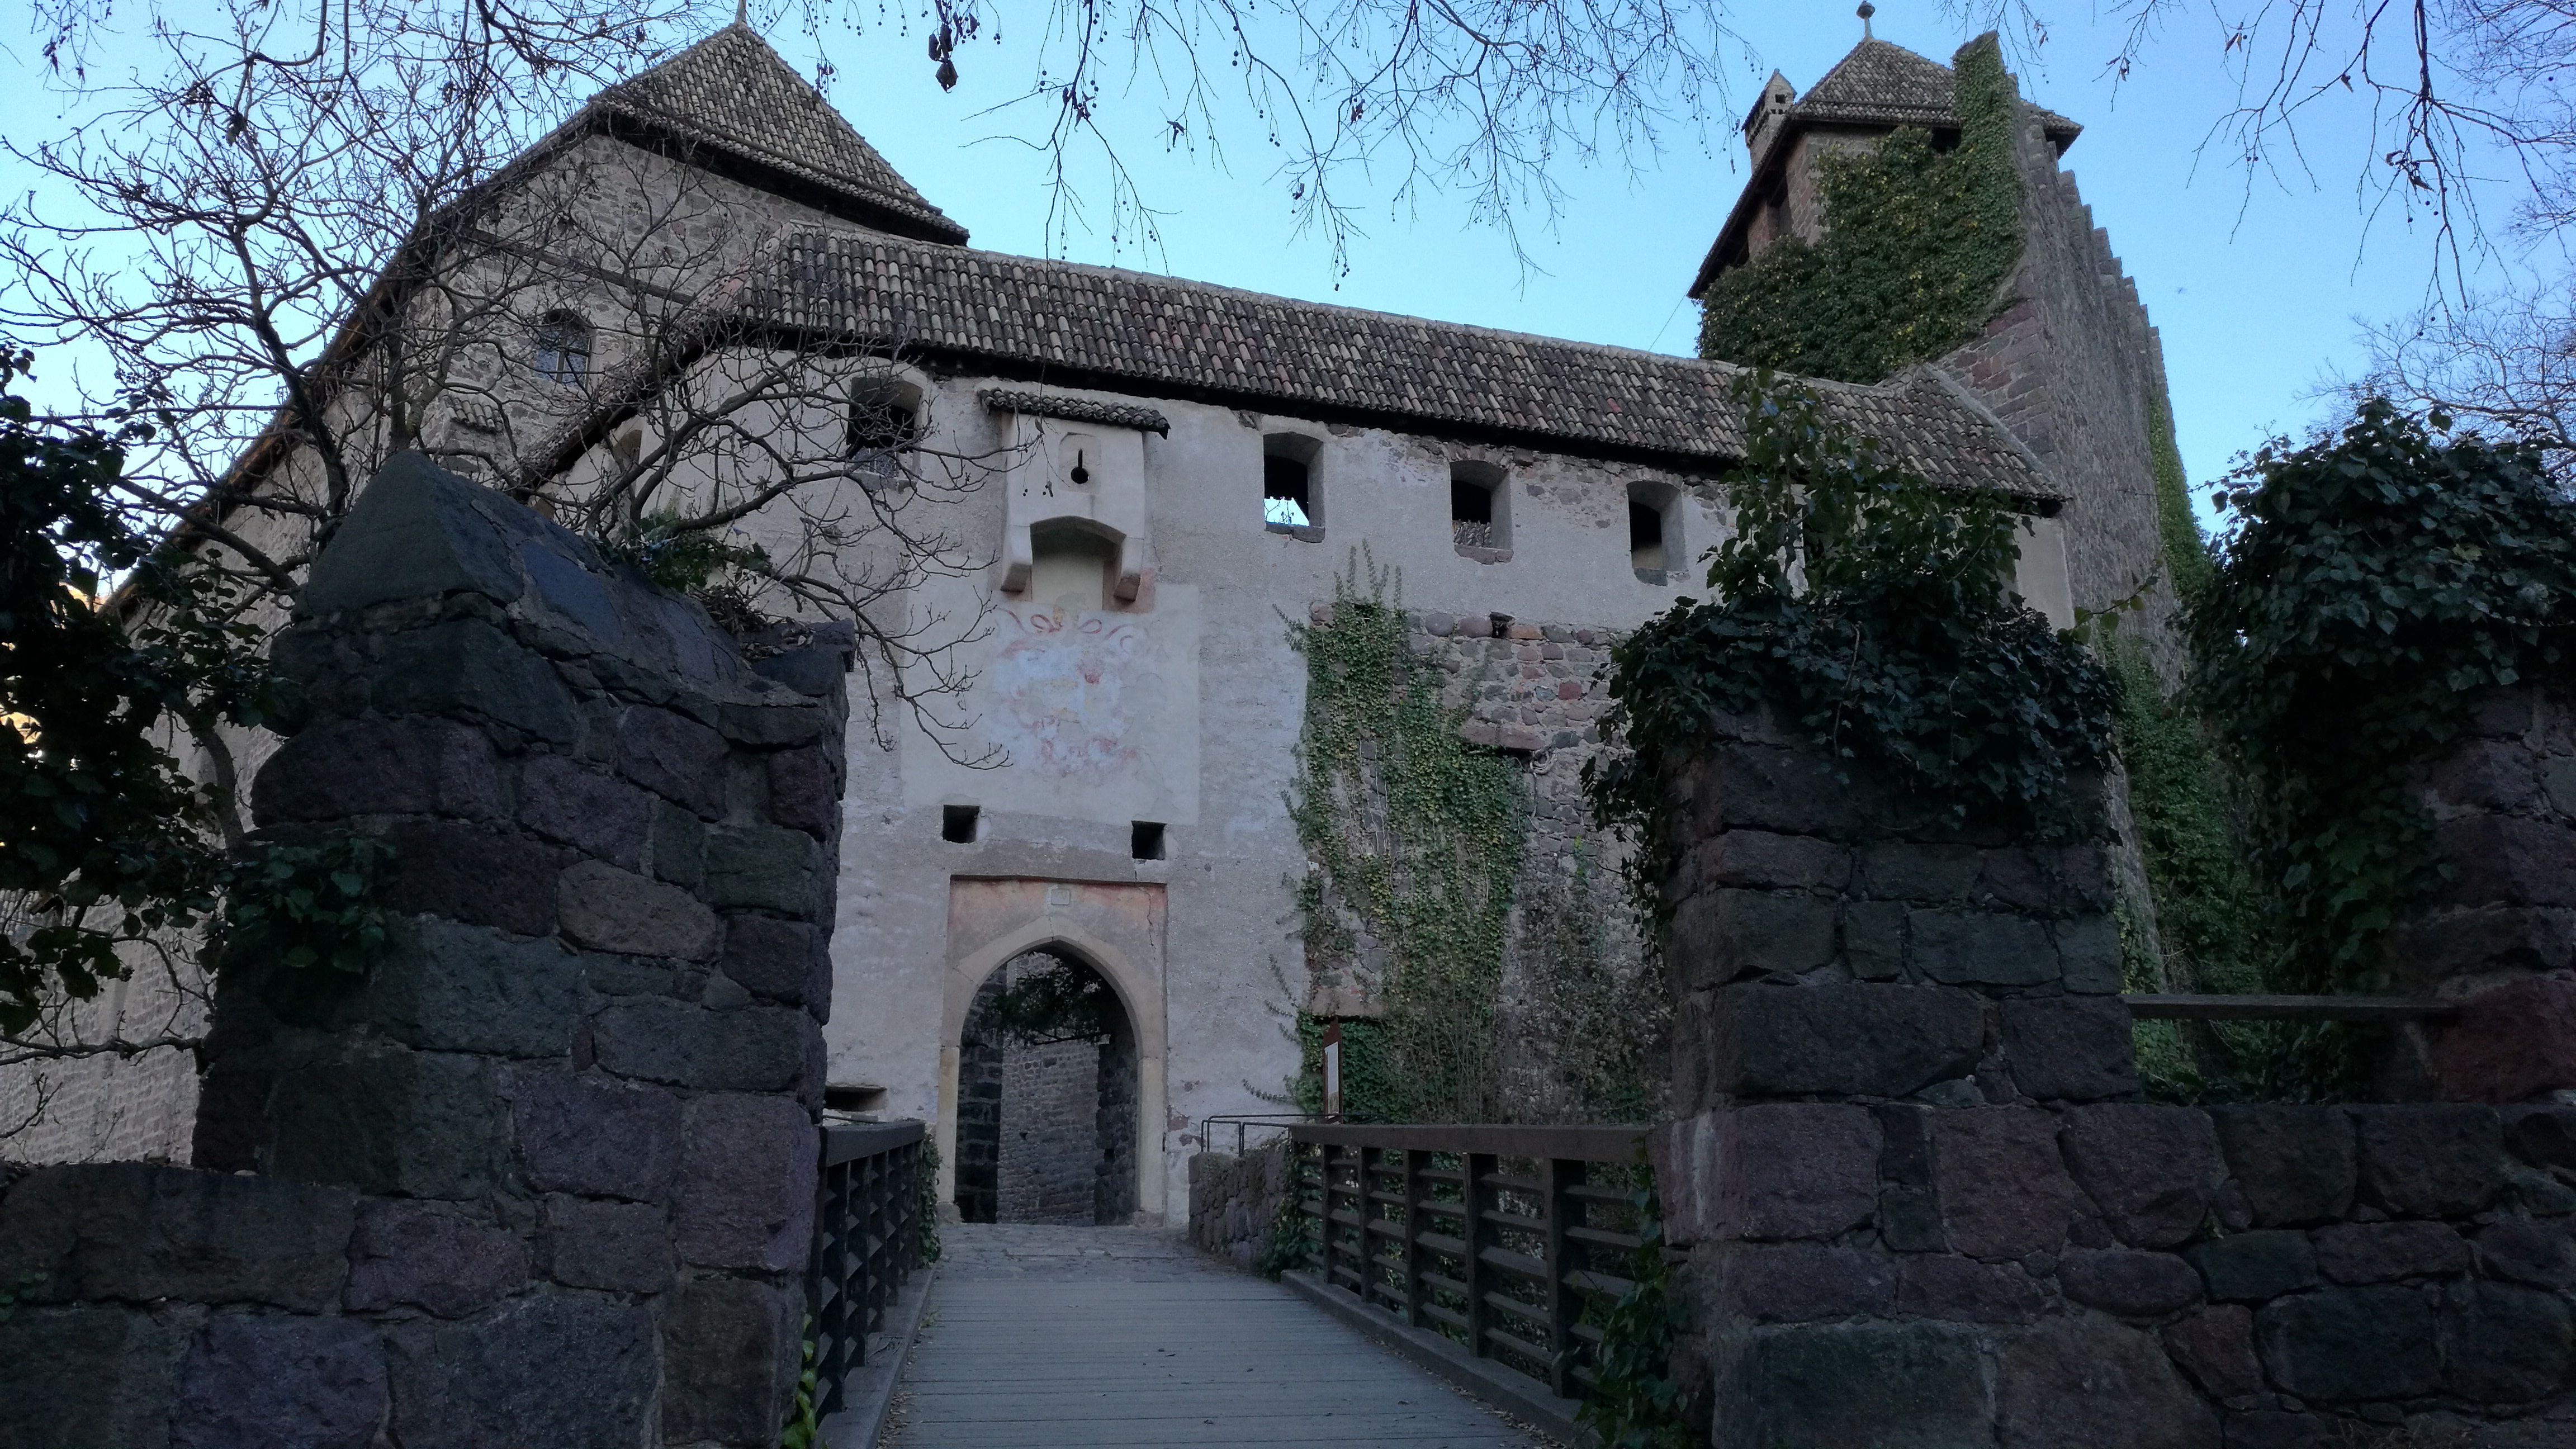 Sabíais que hay un antiguo castillo en Bolzano?